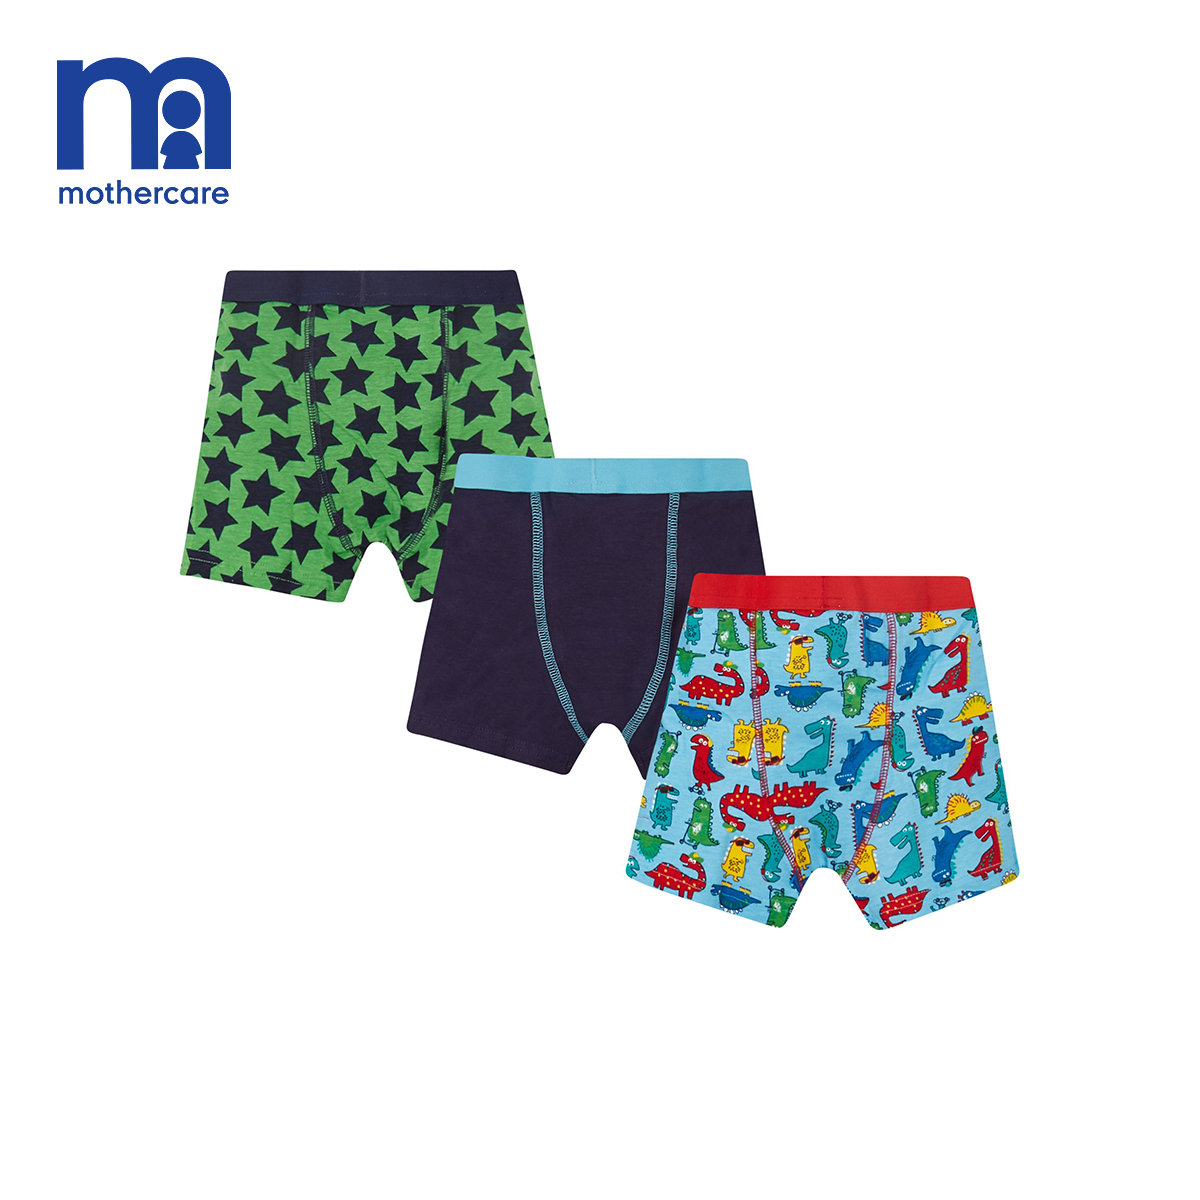 mothercare英國男童內褲男孩三角褲3條裝中大童男童四角褲